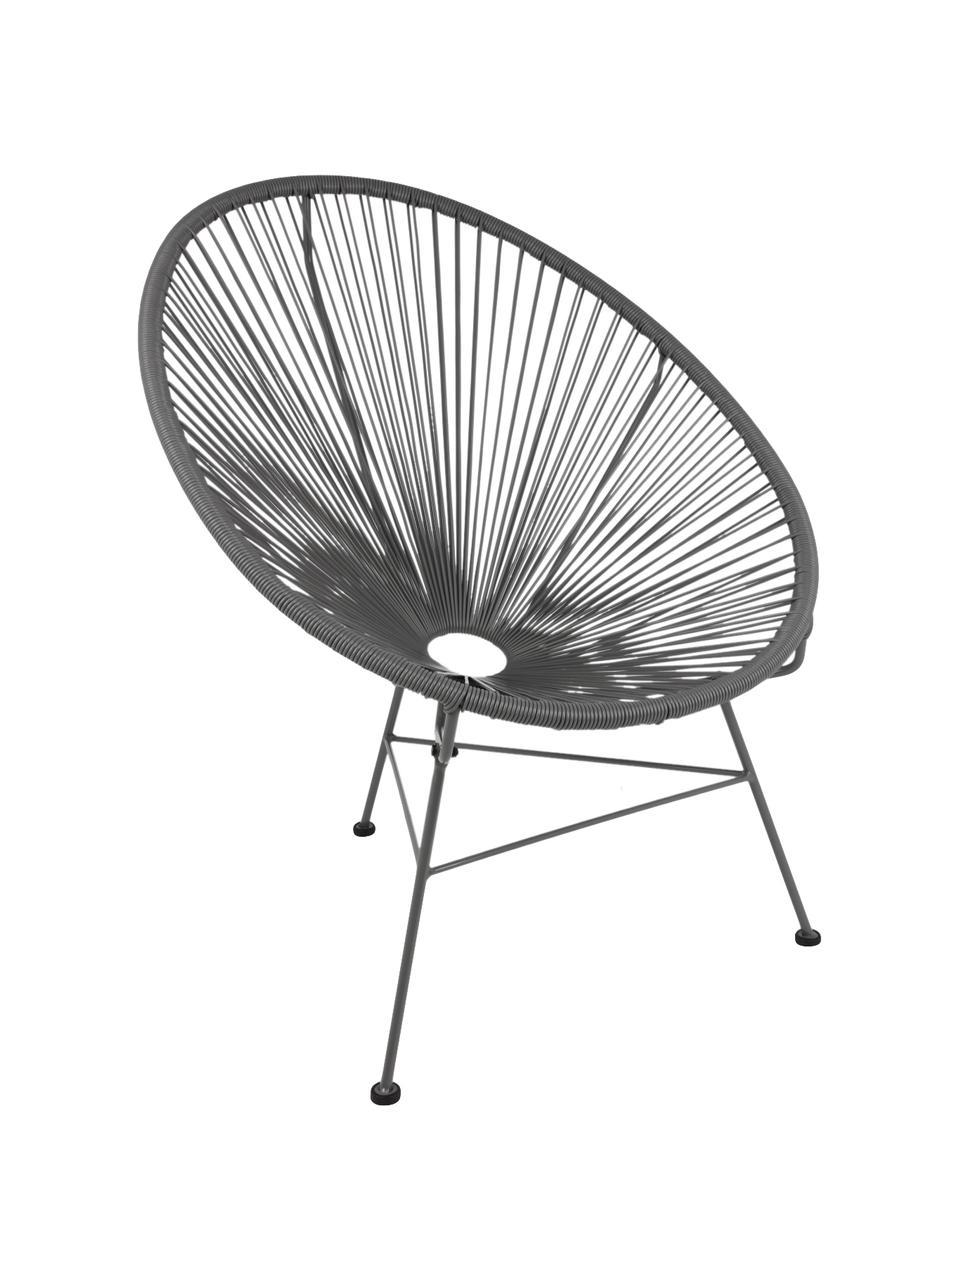 Loungefauteuil Bahia uit kunstvlechtwerk, Zitvlak: kunststof, Frame: gepoedercoat metaal, Zitvlak: grijs. Frame: grijs, B 81 x D 73 cm